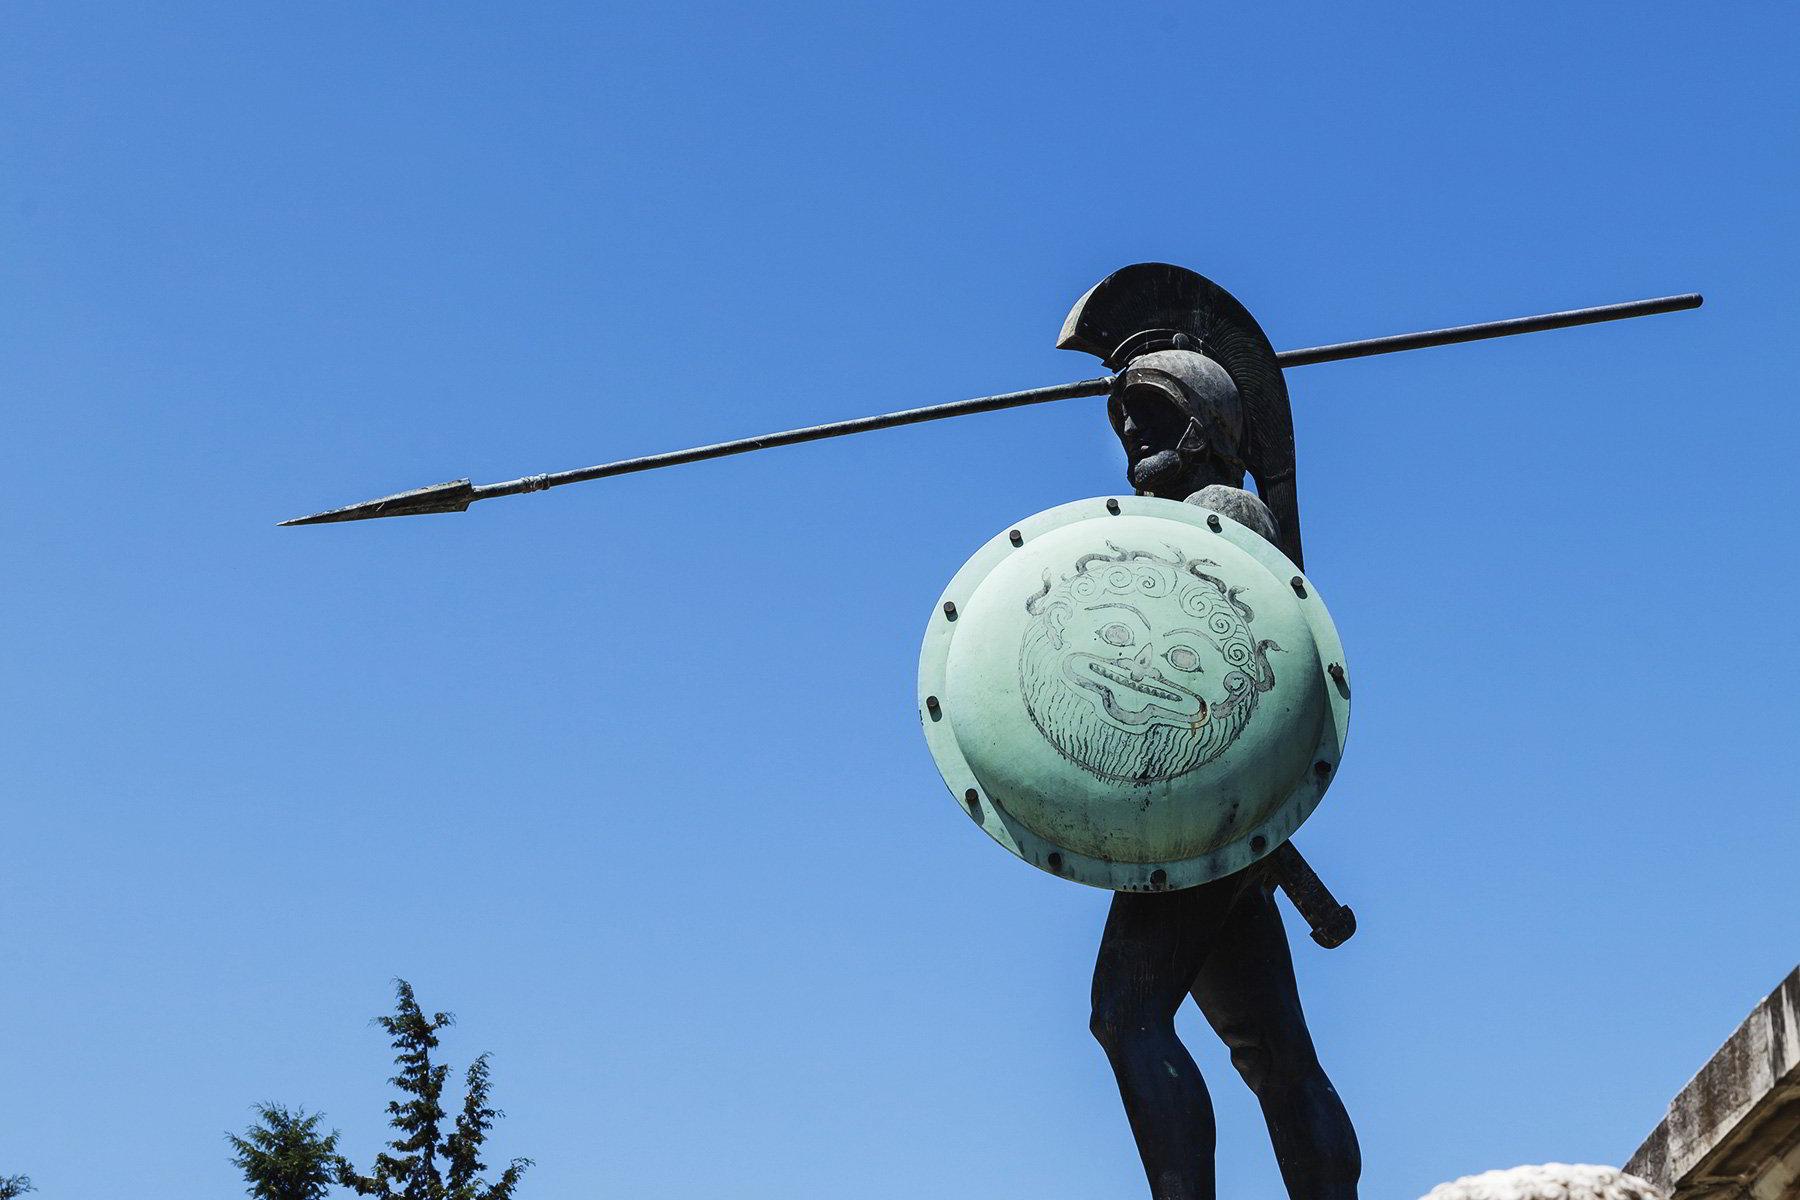 άγαλμα του Λεωνίδα στις Θερμοπύλες